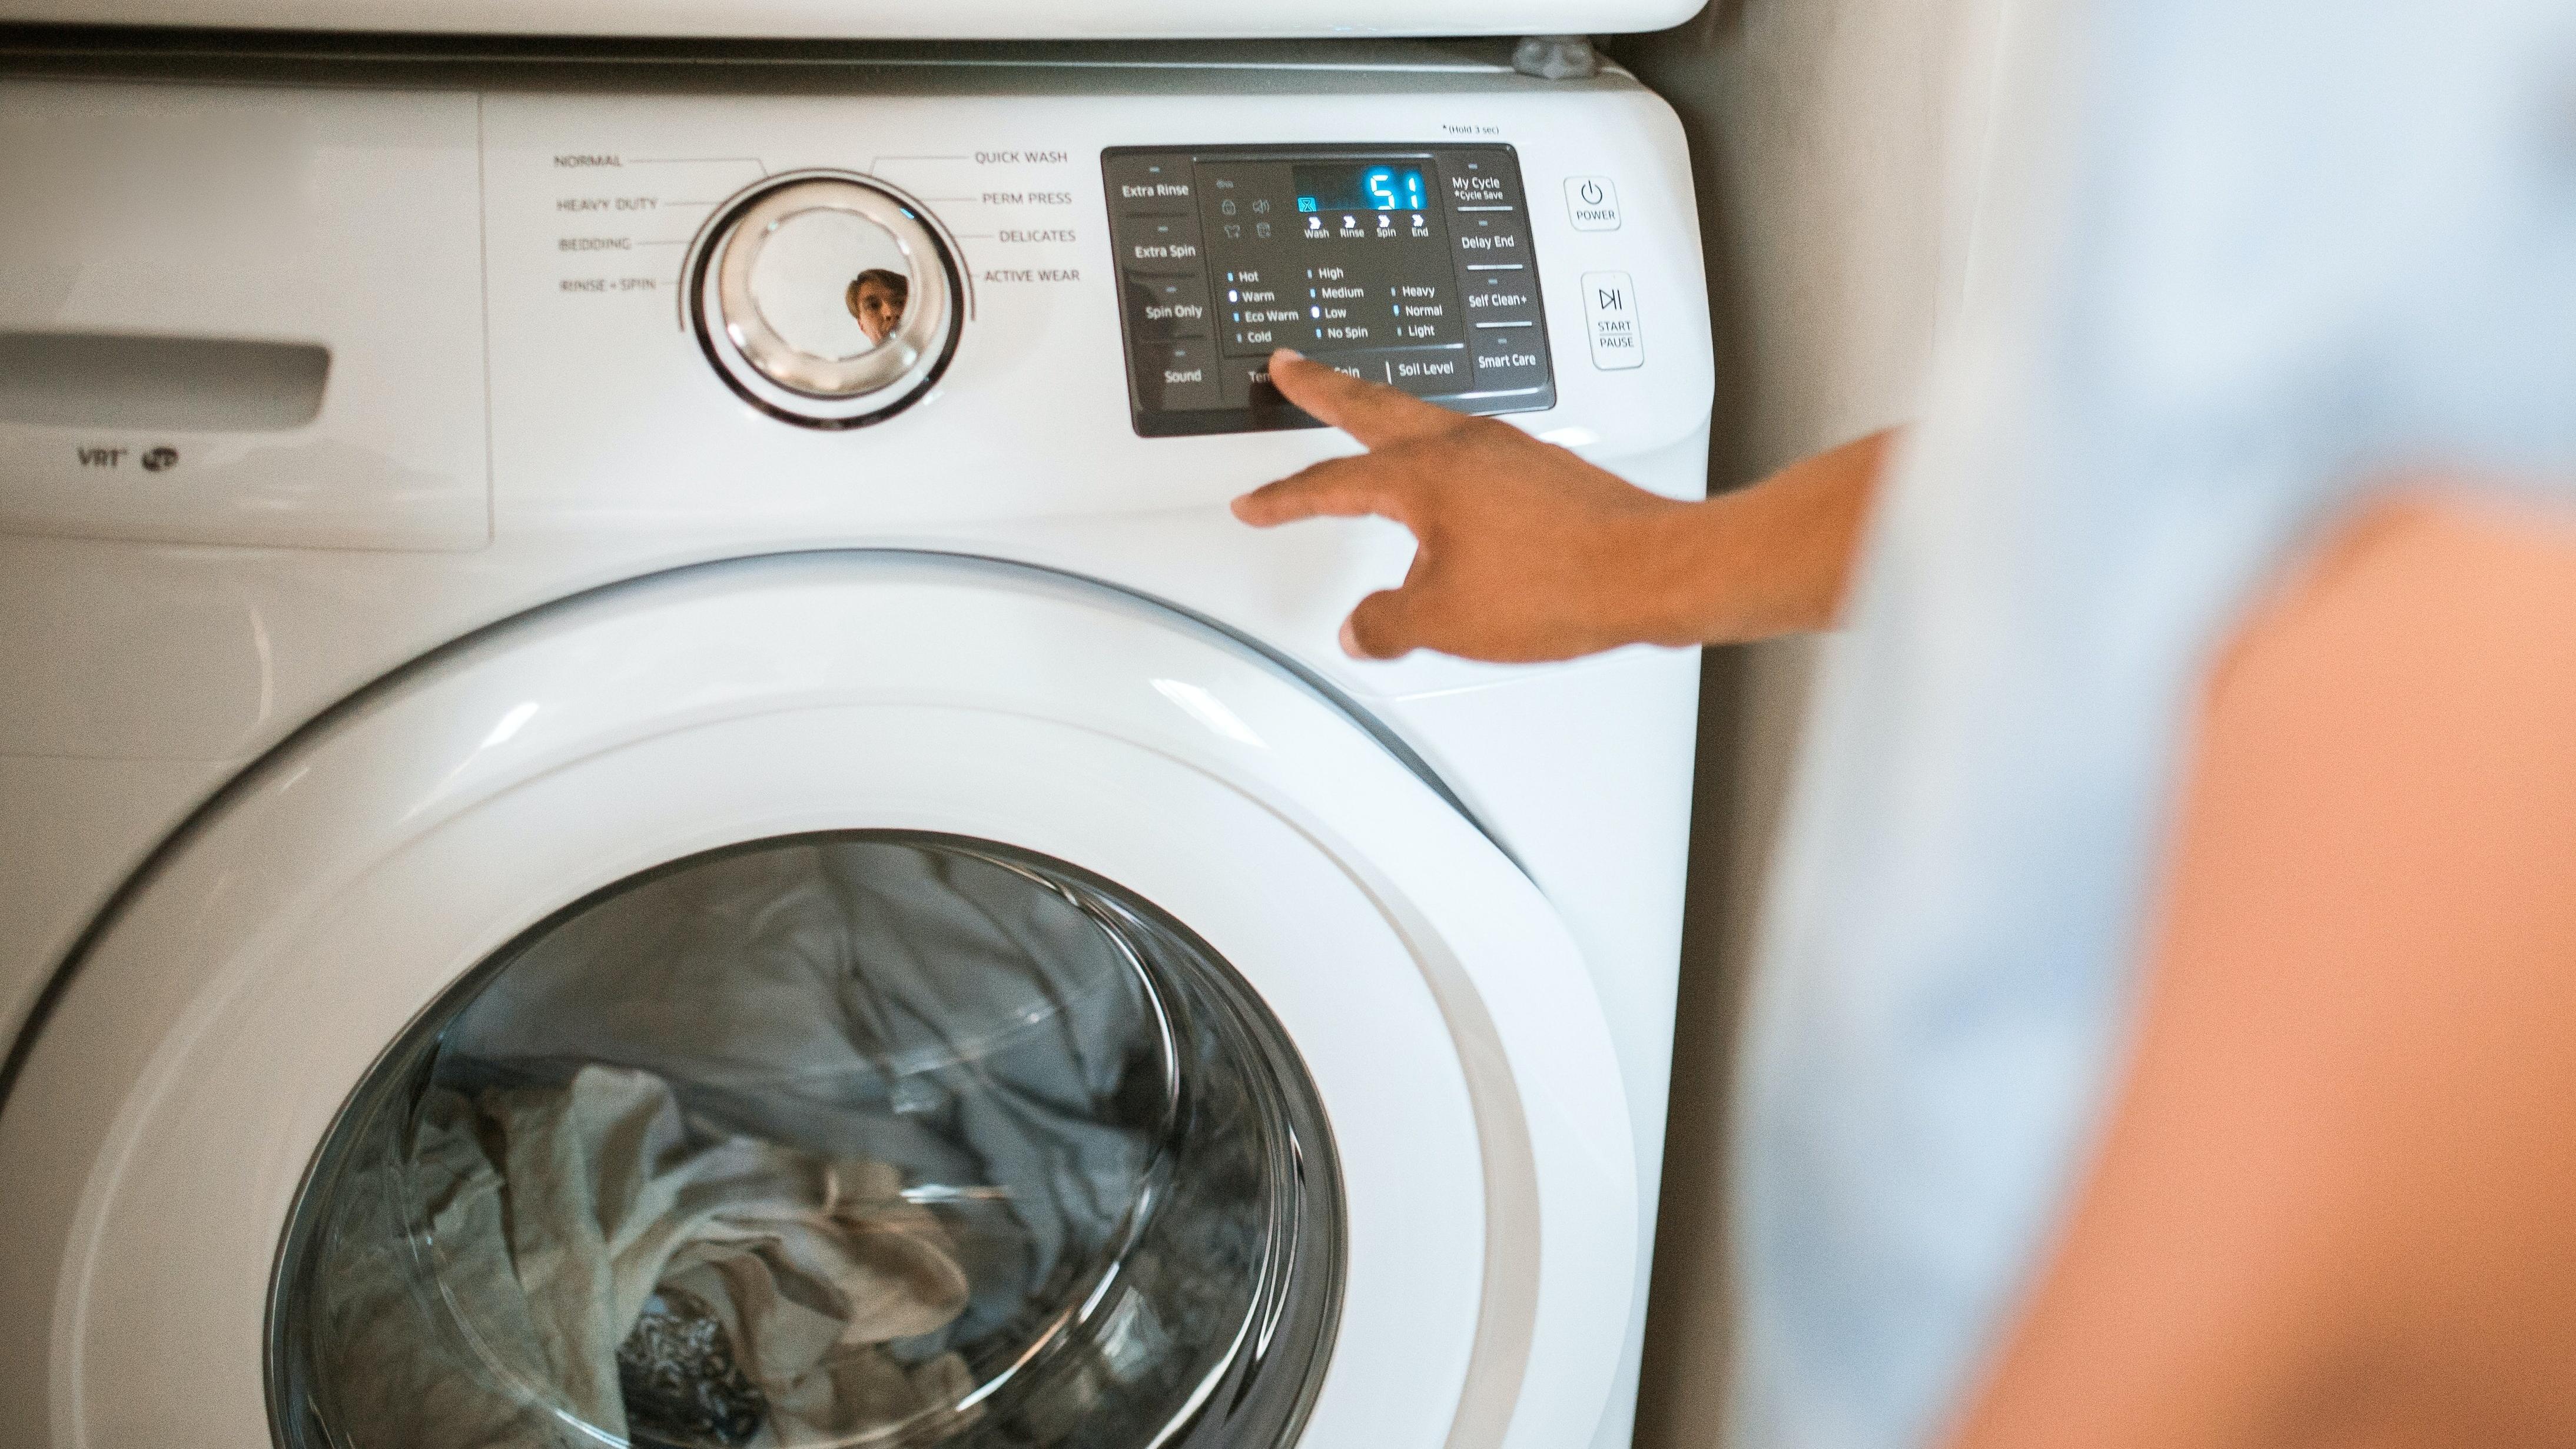 Eco-Programm der Waschmaschine: Was Sie darüber wissen sollten